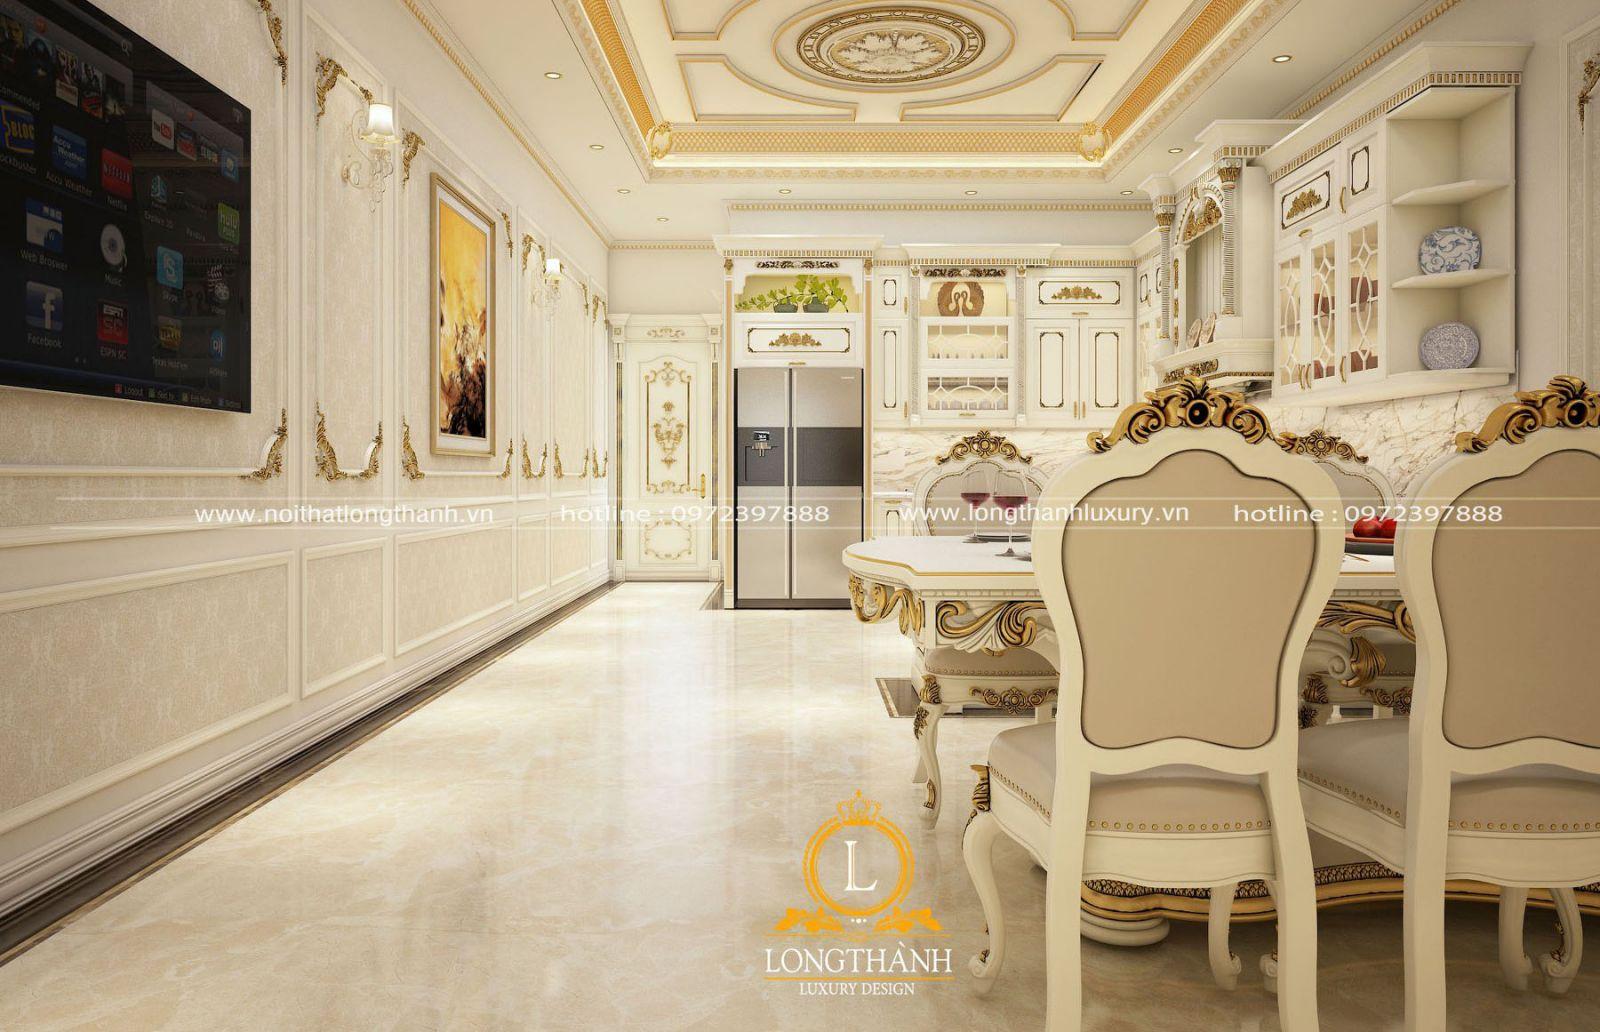 Tủ bếp tân cổ điển được ứng dụng trong mọi không gian